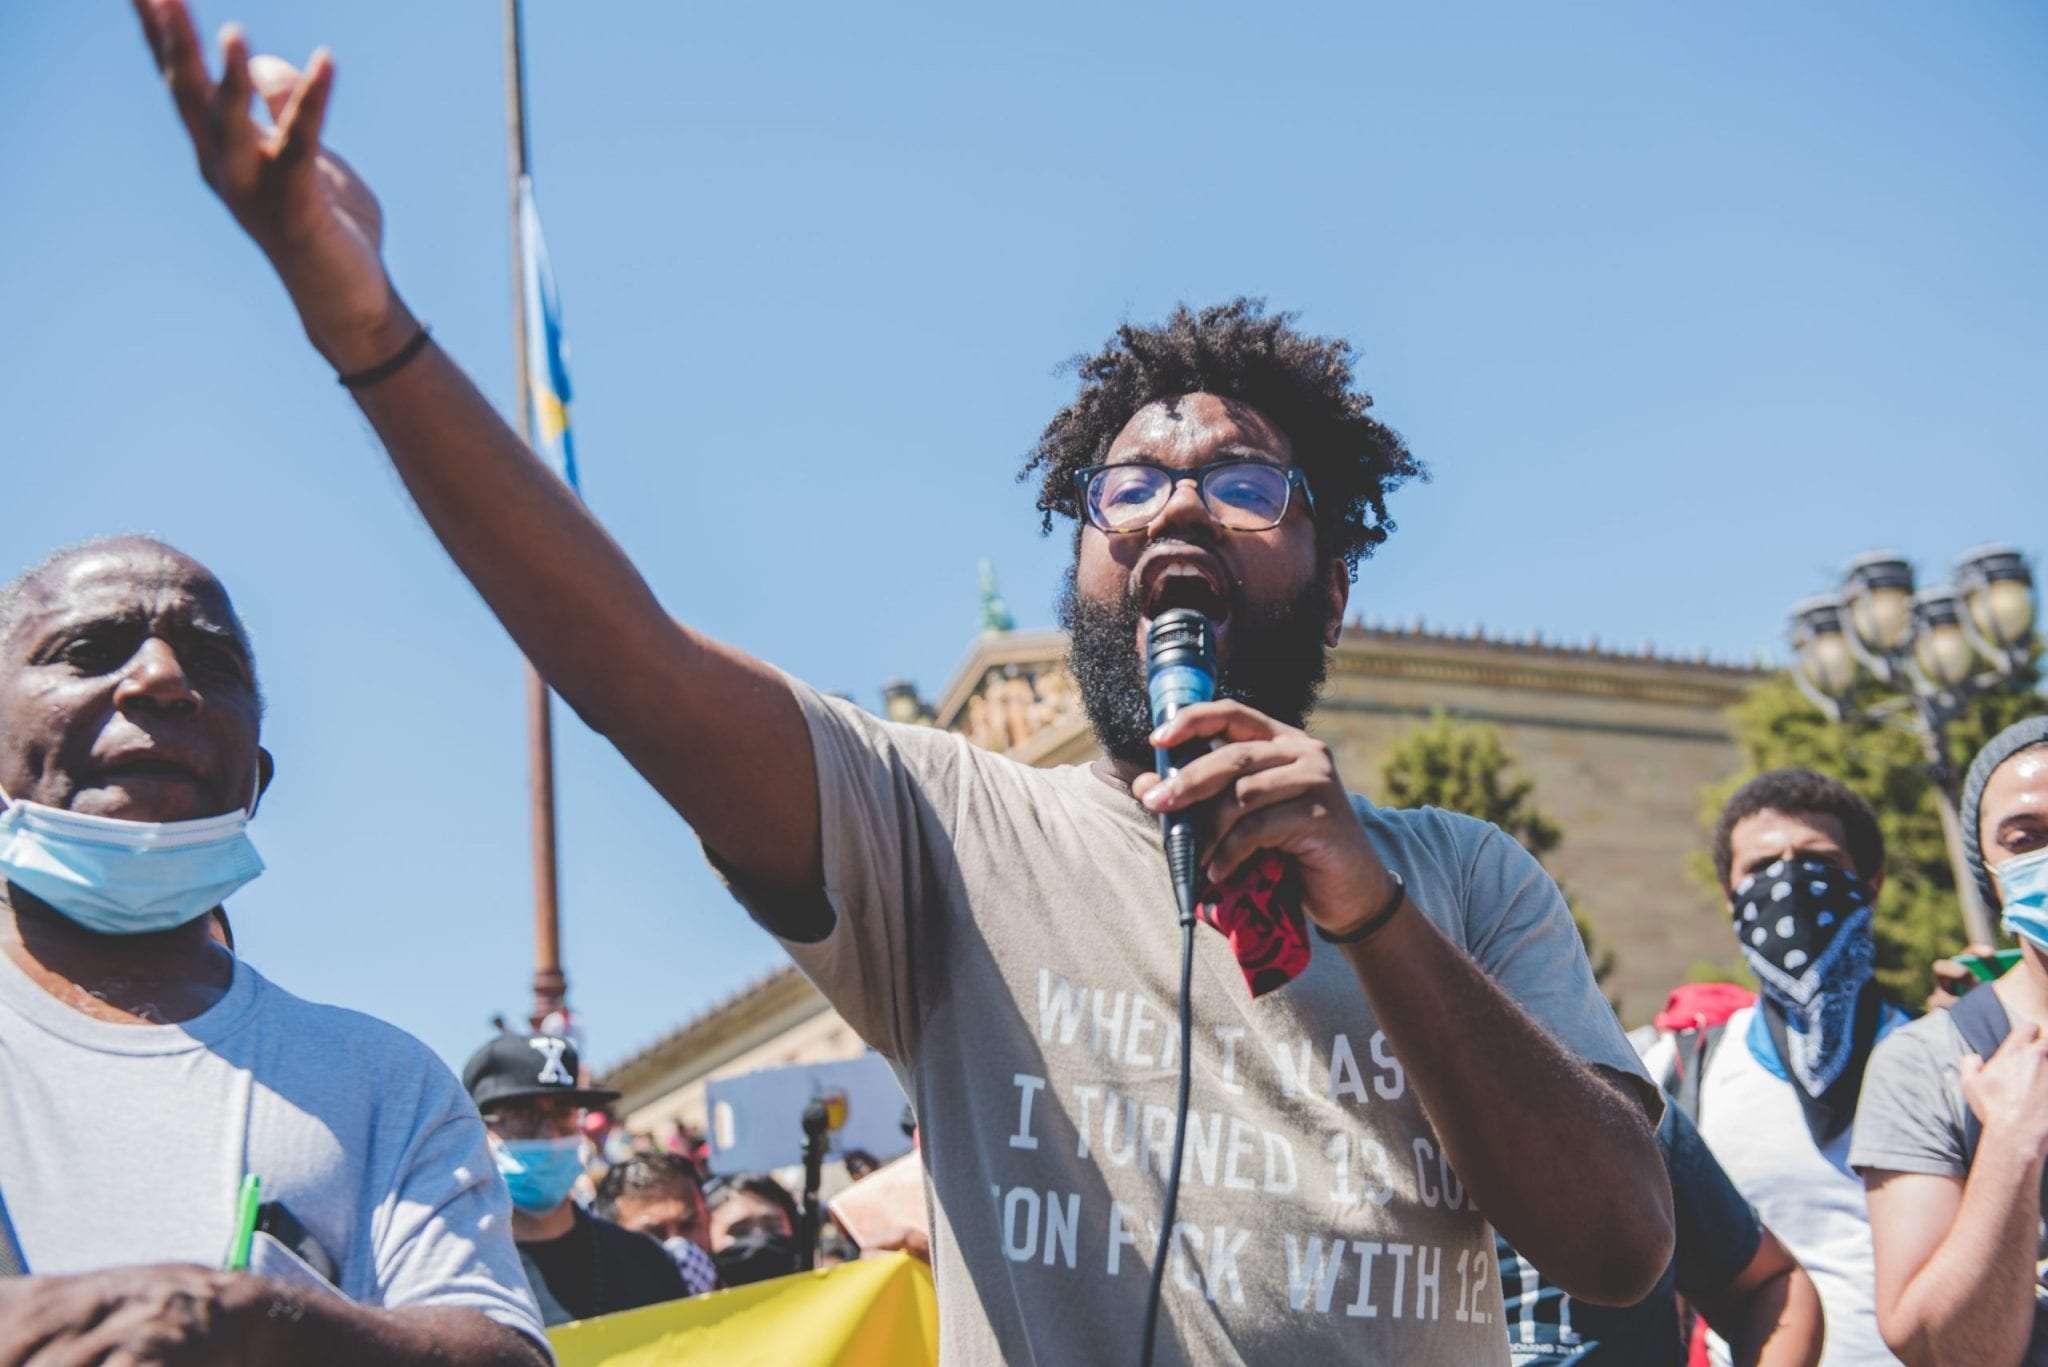 Philadelphia protest George Floyd BLM